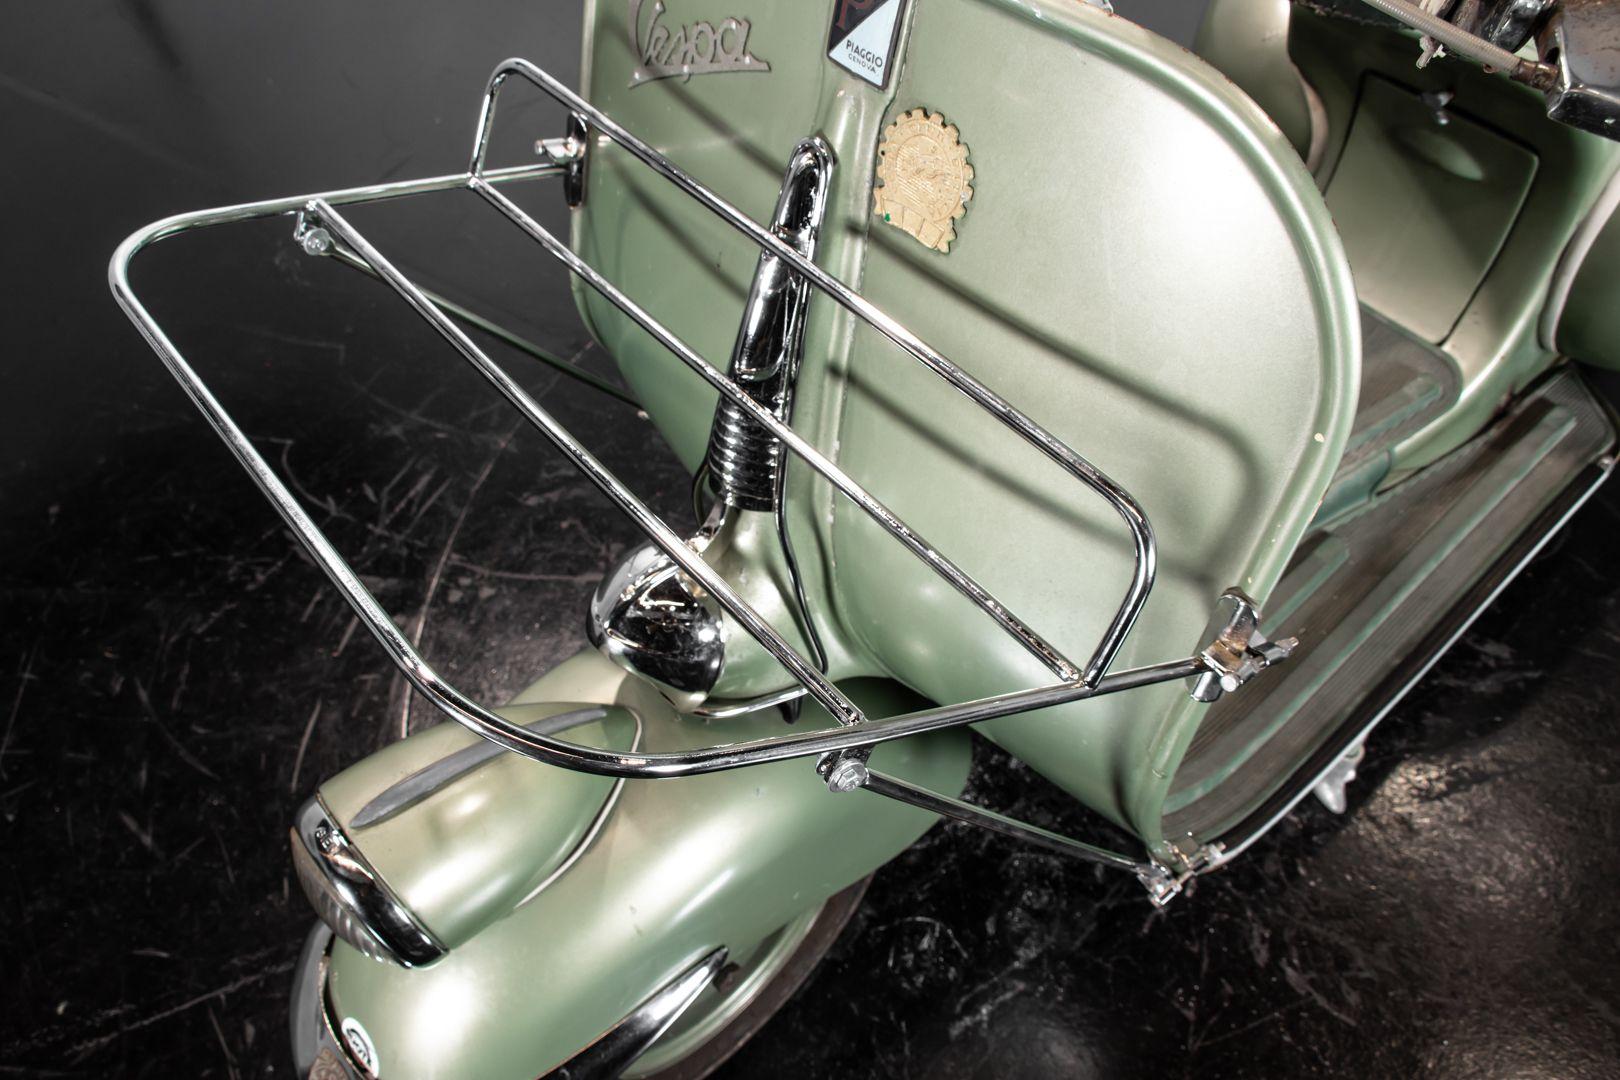 1951 Piaggio Vespa 125 51 V31 80379